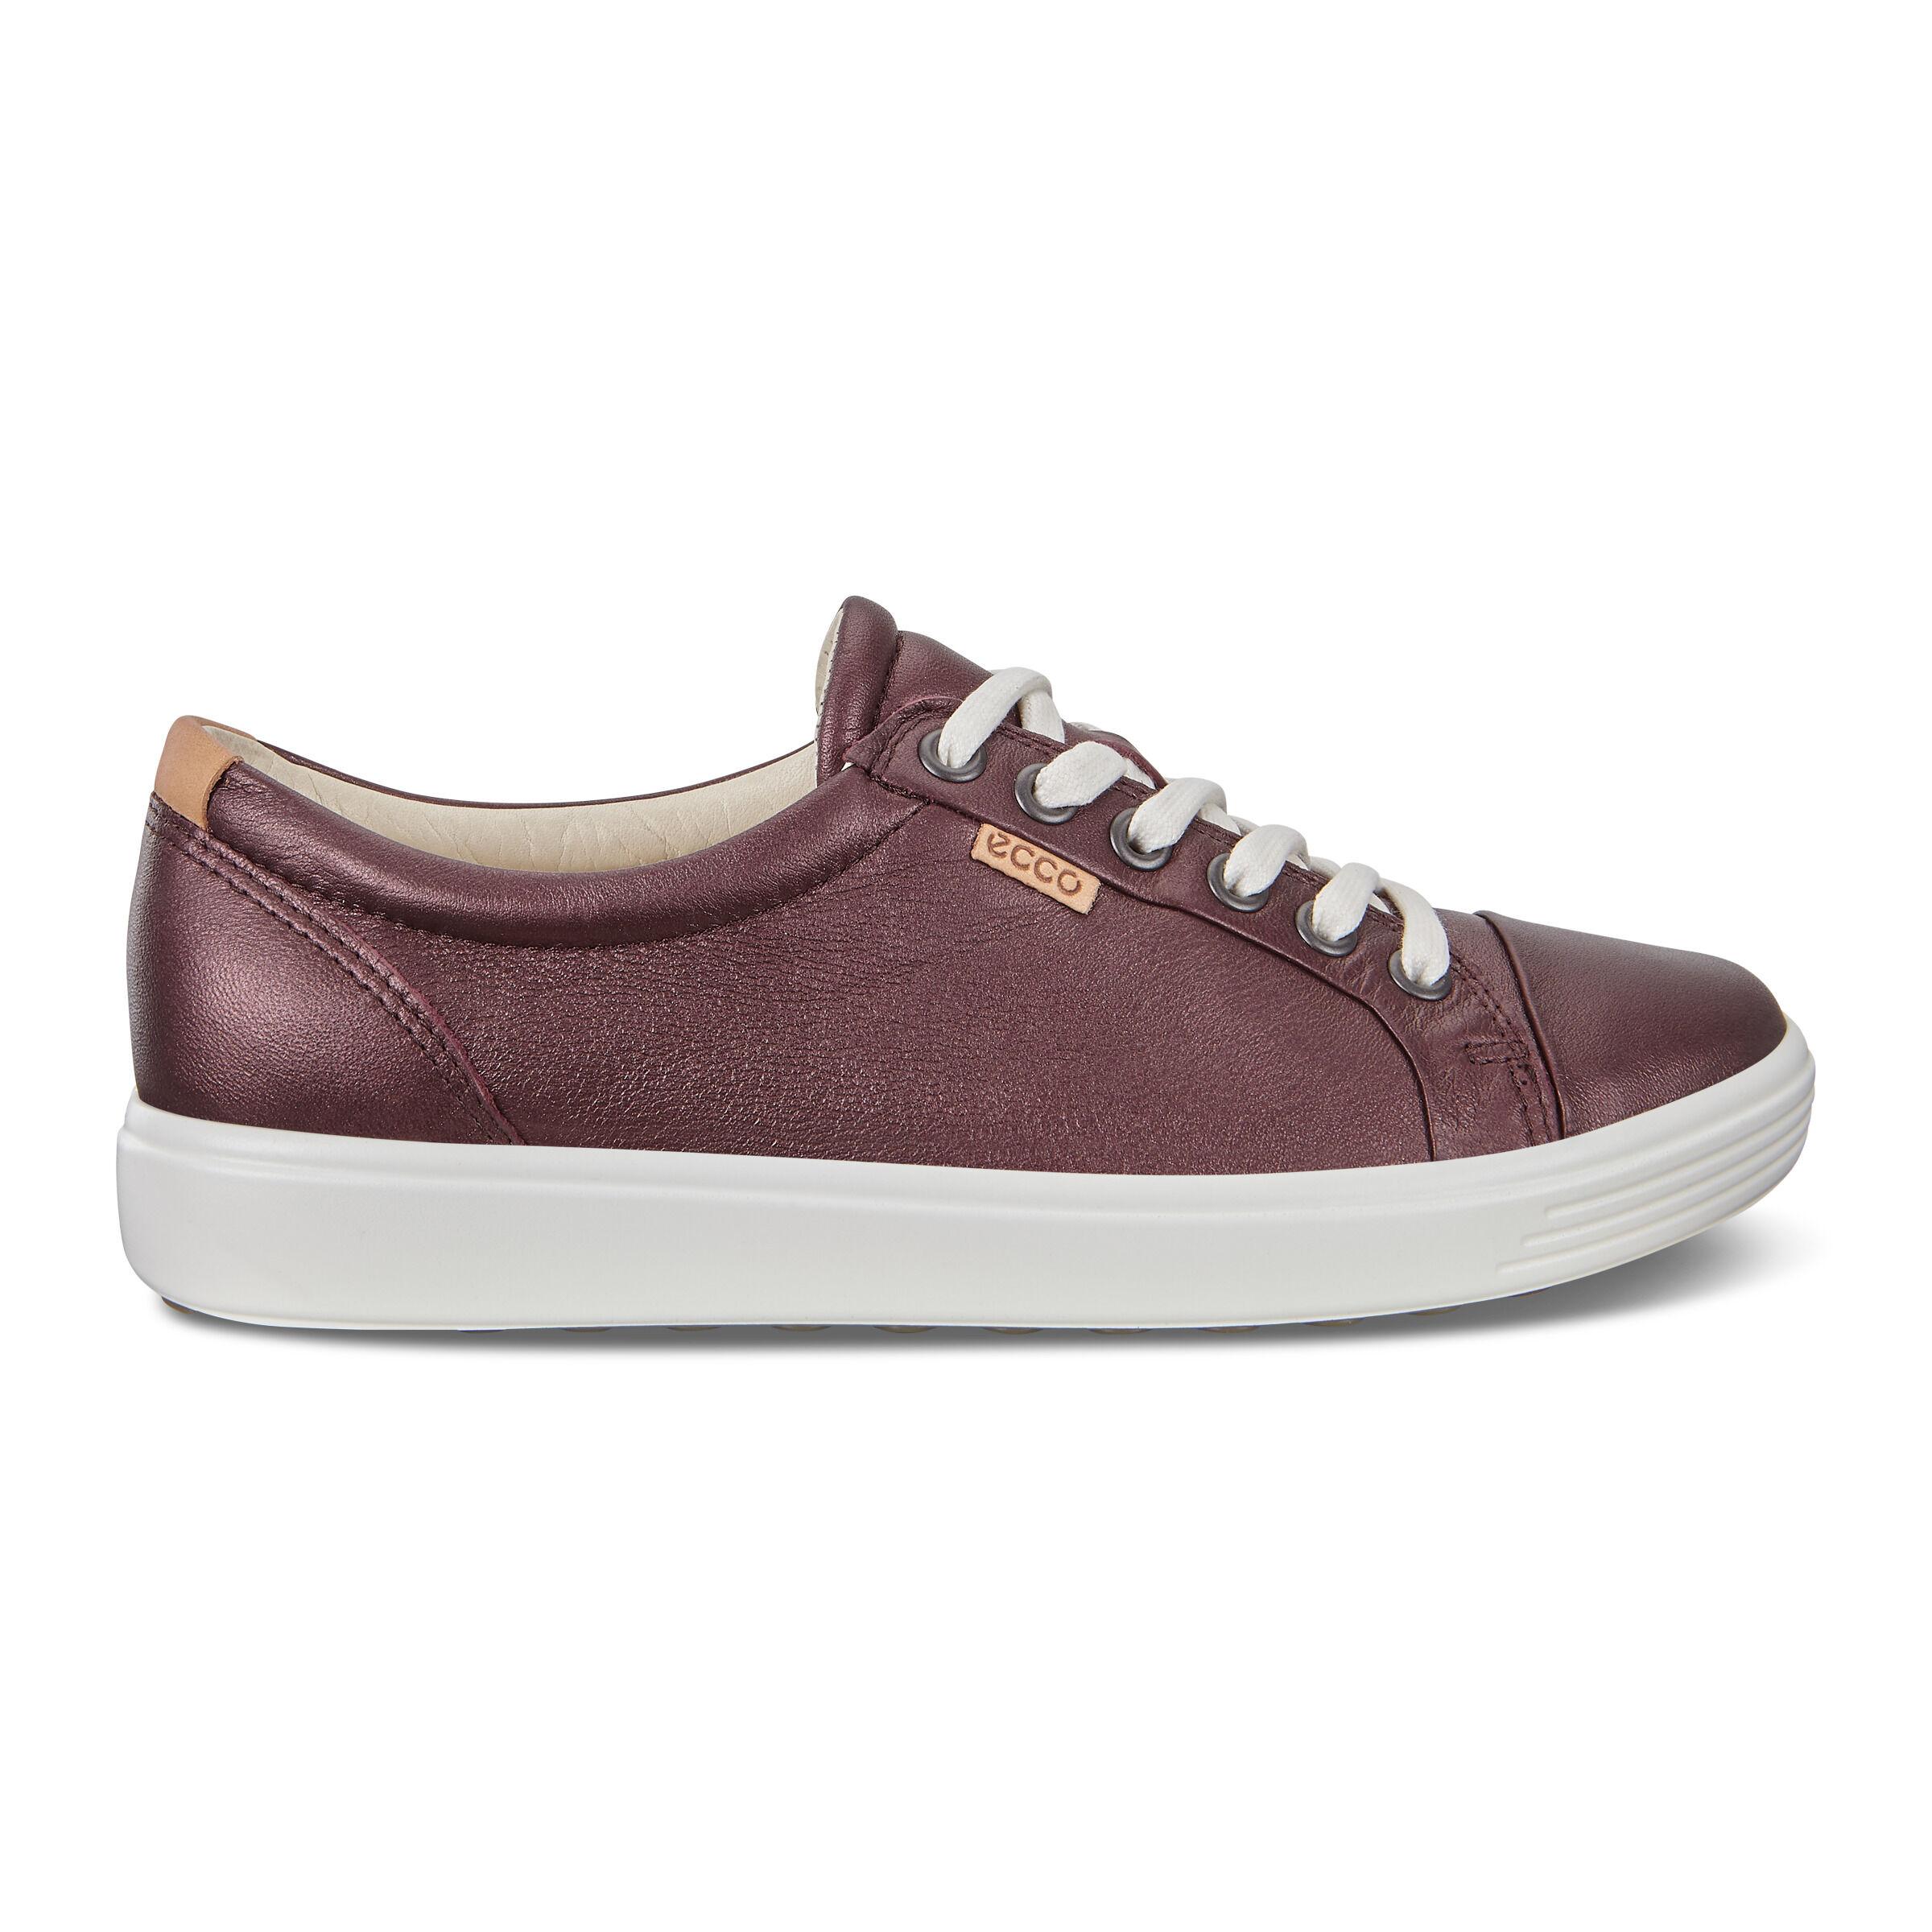 ecco sale shoes